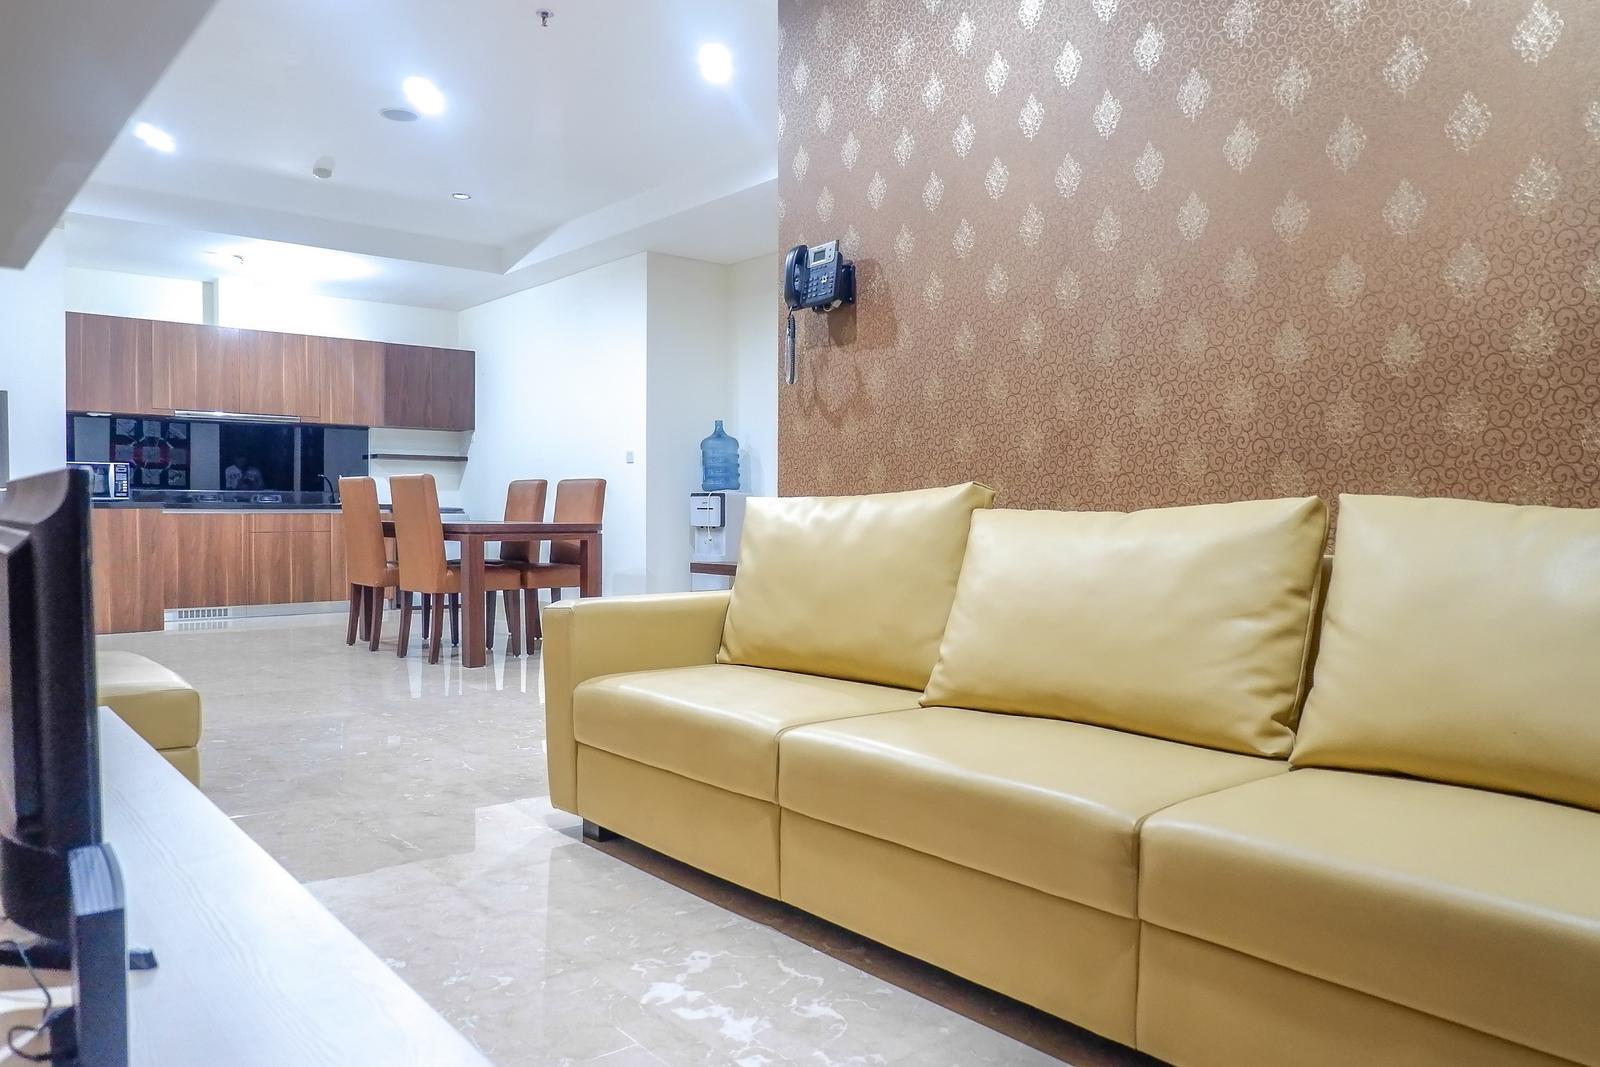 Lavenue Apartemen Pancoran - Affordable 2BR At L'Avenue Apartment By Travelio